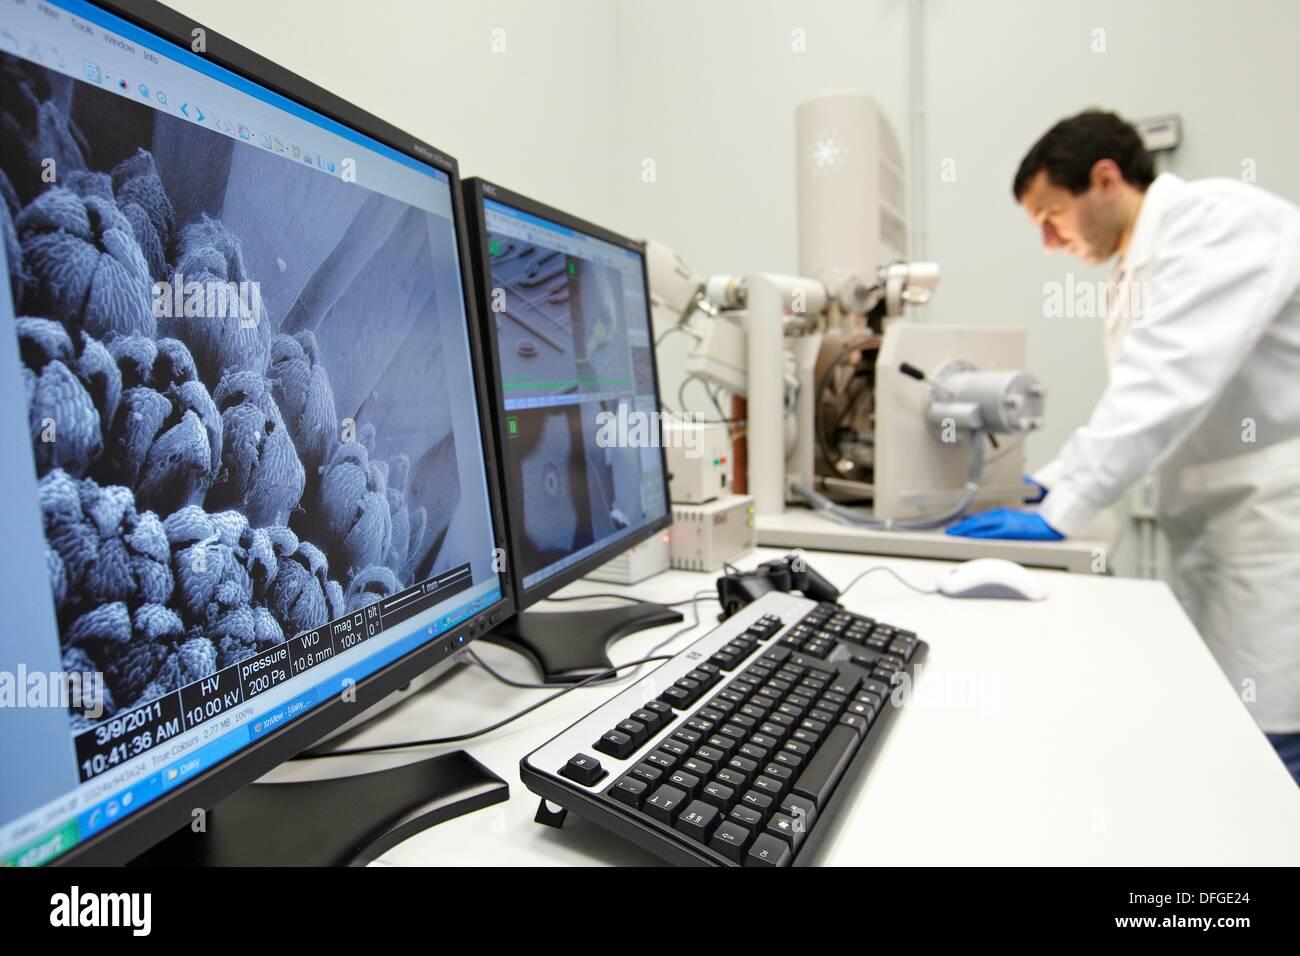 Diskutieren auf SEM Bilder, Analyse von Nanostrukturen und Nanosysteme, Environmental scanning Electron Microscopy Laboratory, Stockbild